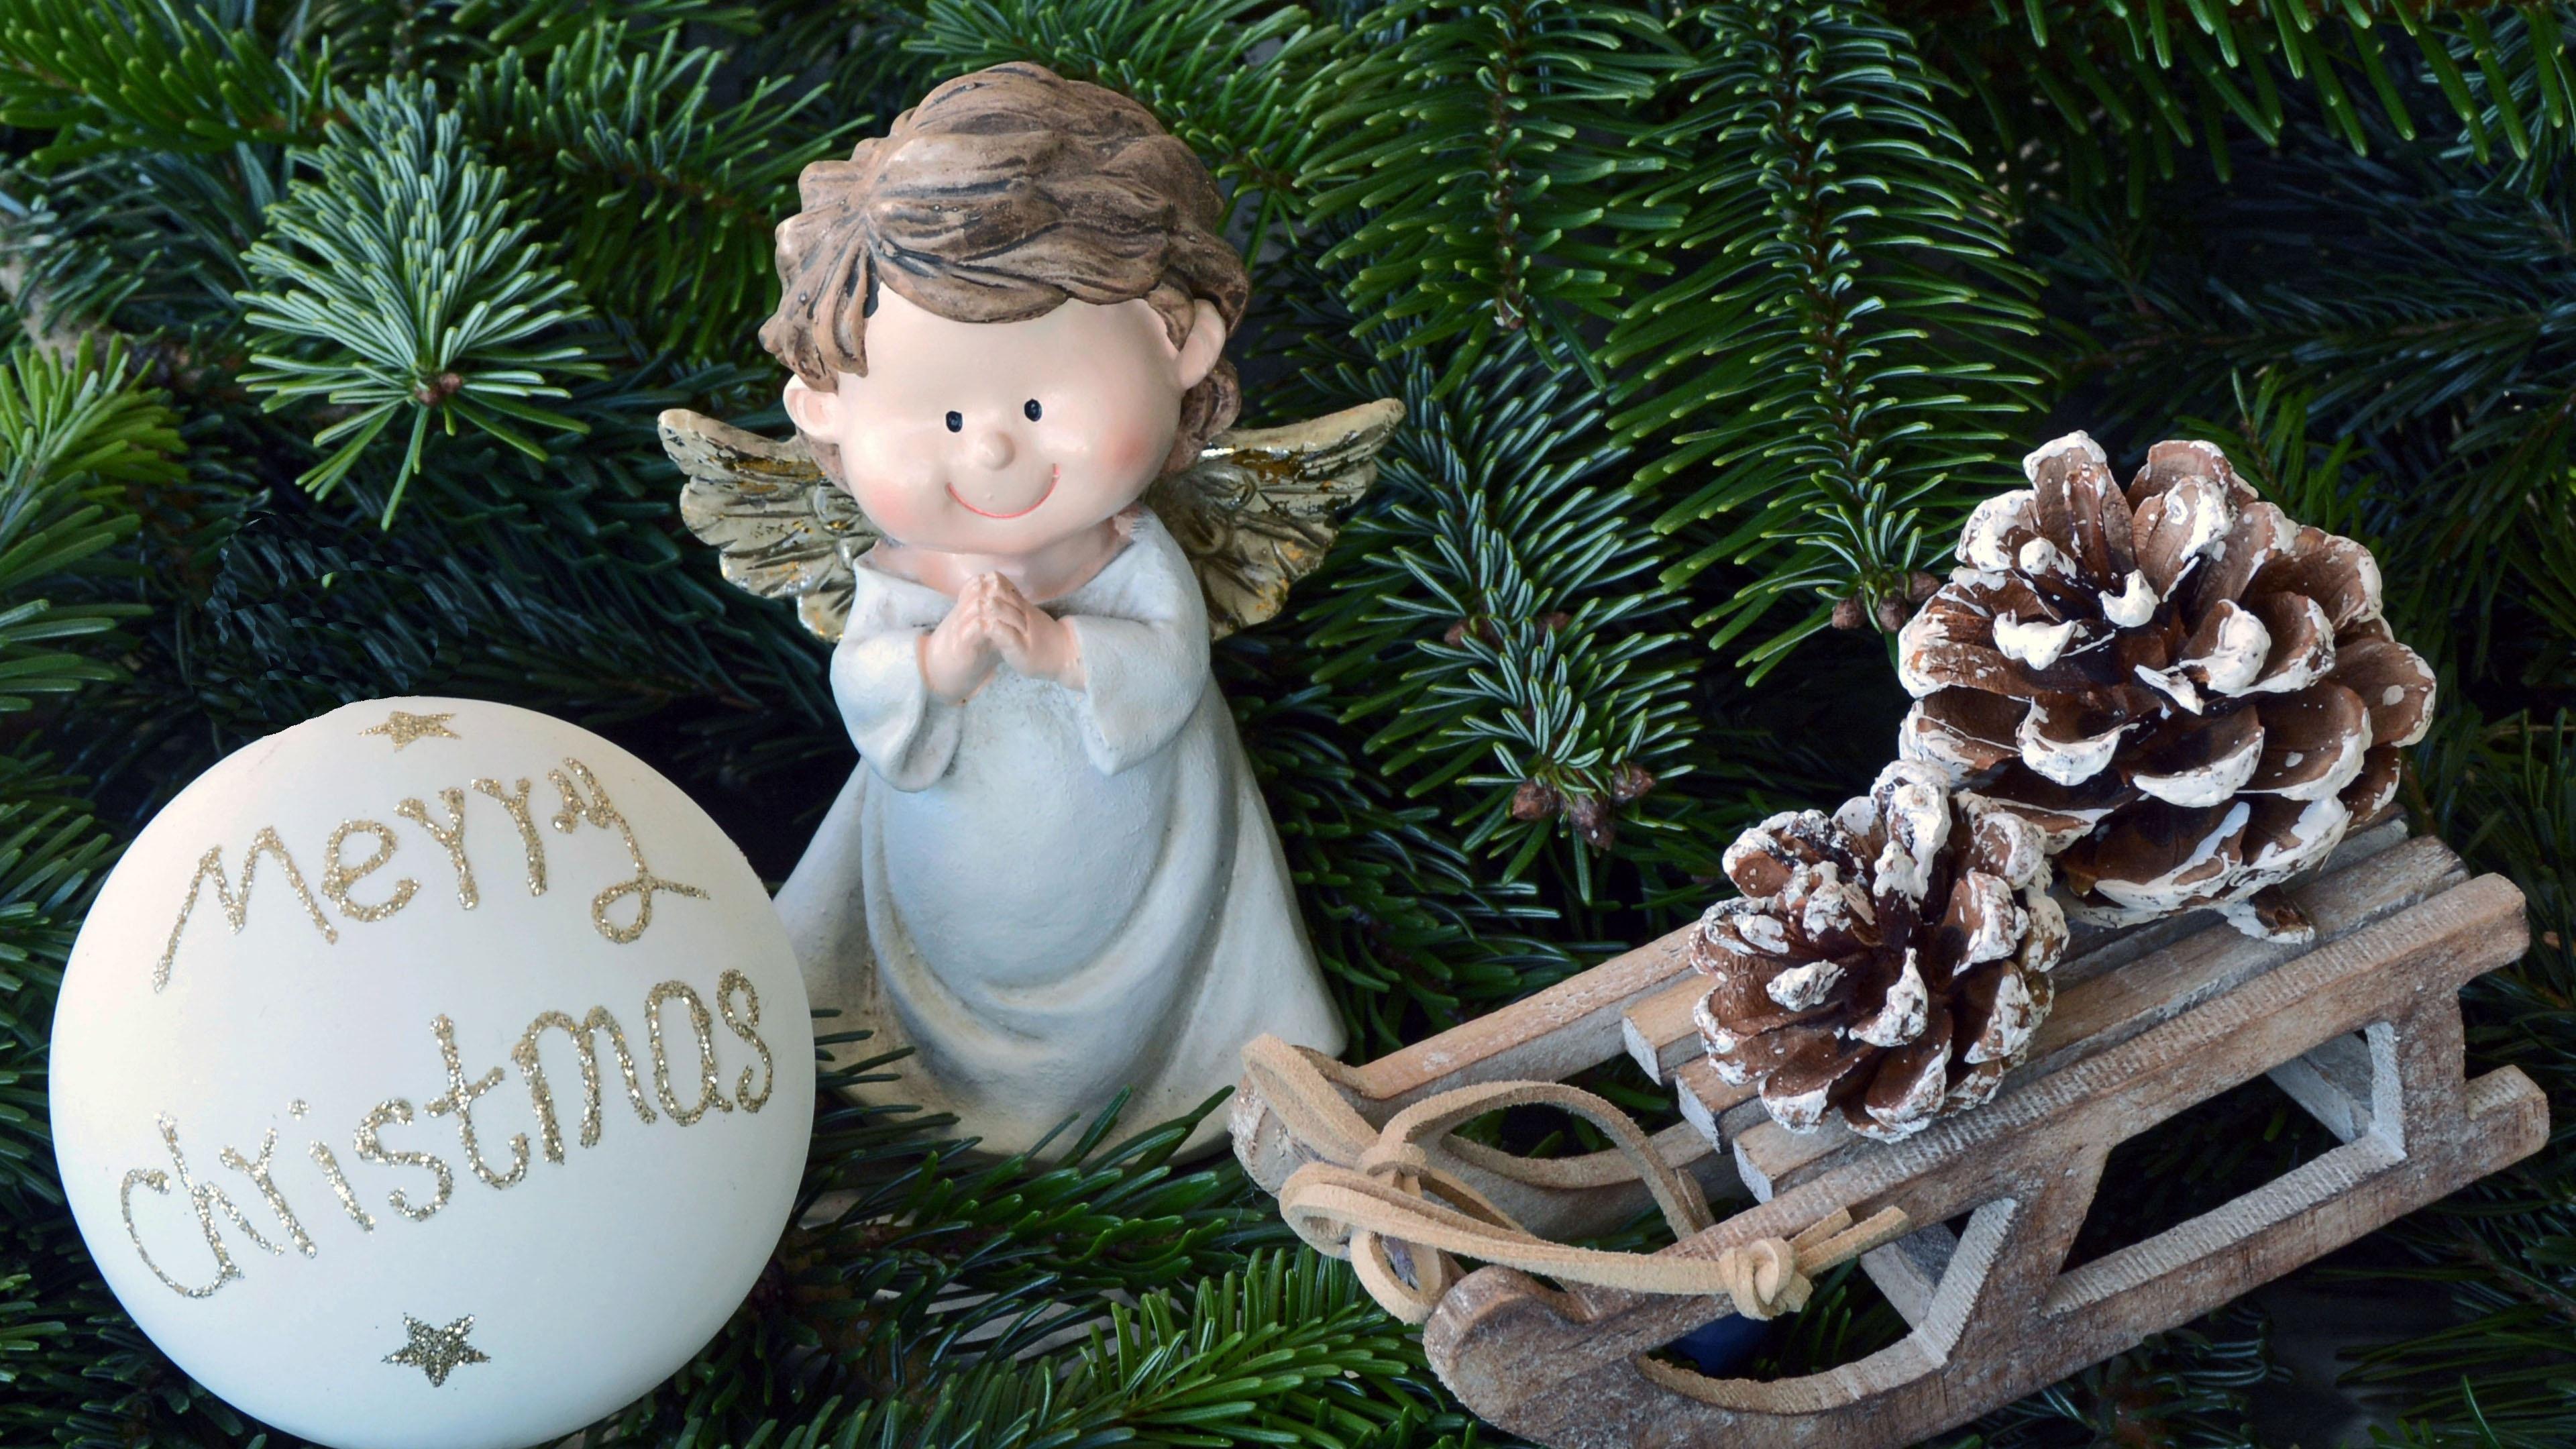 christmas toys angel christmas fir ball 4k 1538344848 - christmas toys, angel, christmas, fir, ball 4k - christmas toys, Christmas, Angel